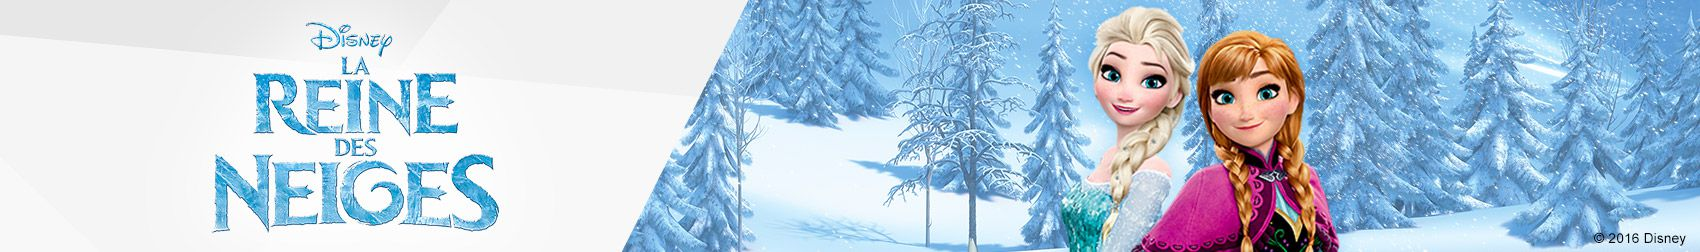 La reine blanche film entier toofan movie trailer download - Download la reine des neiges ...